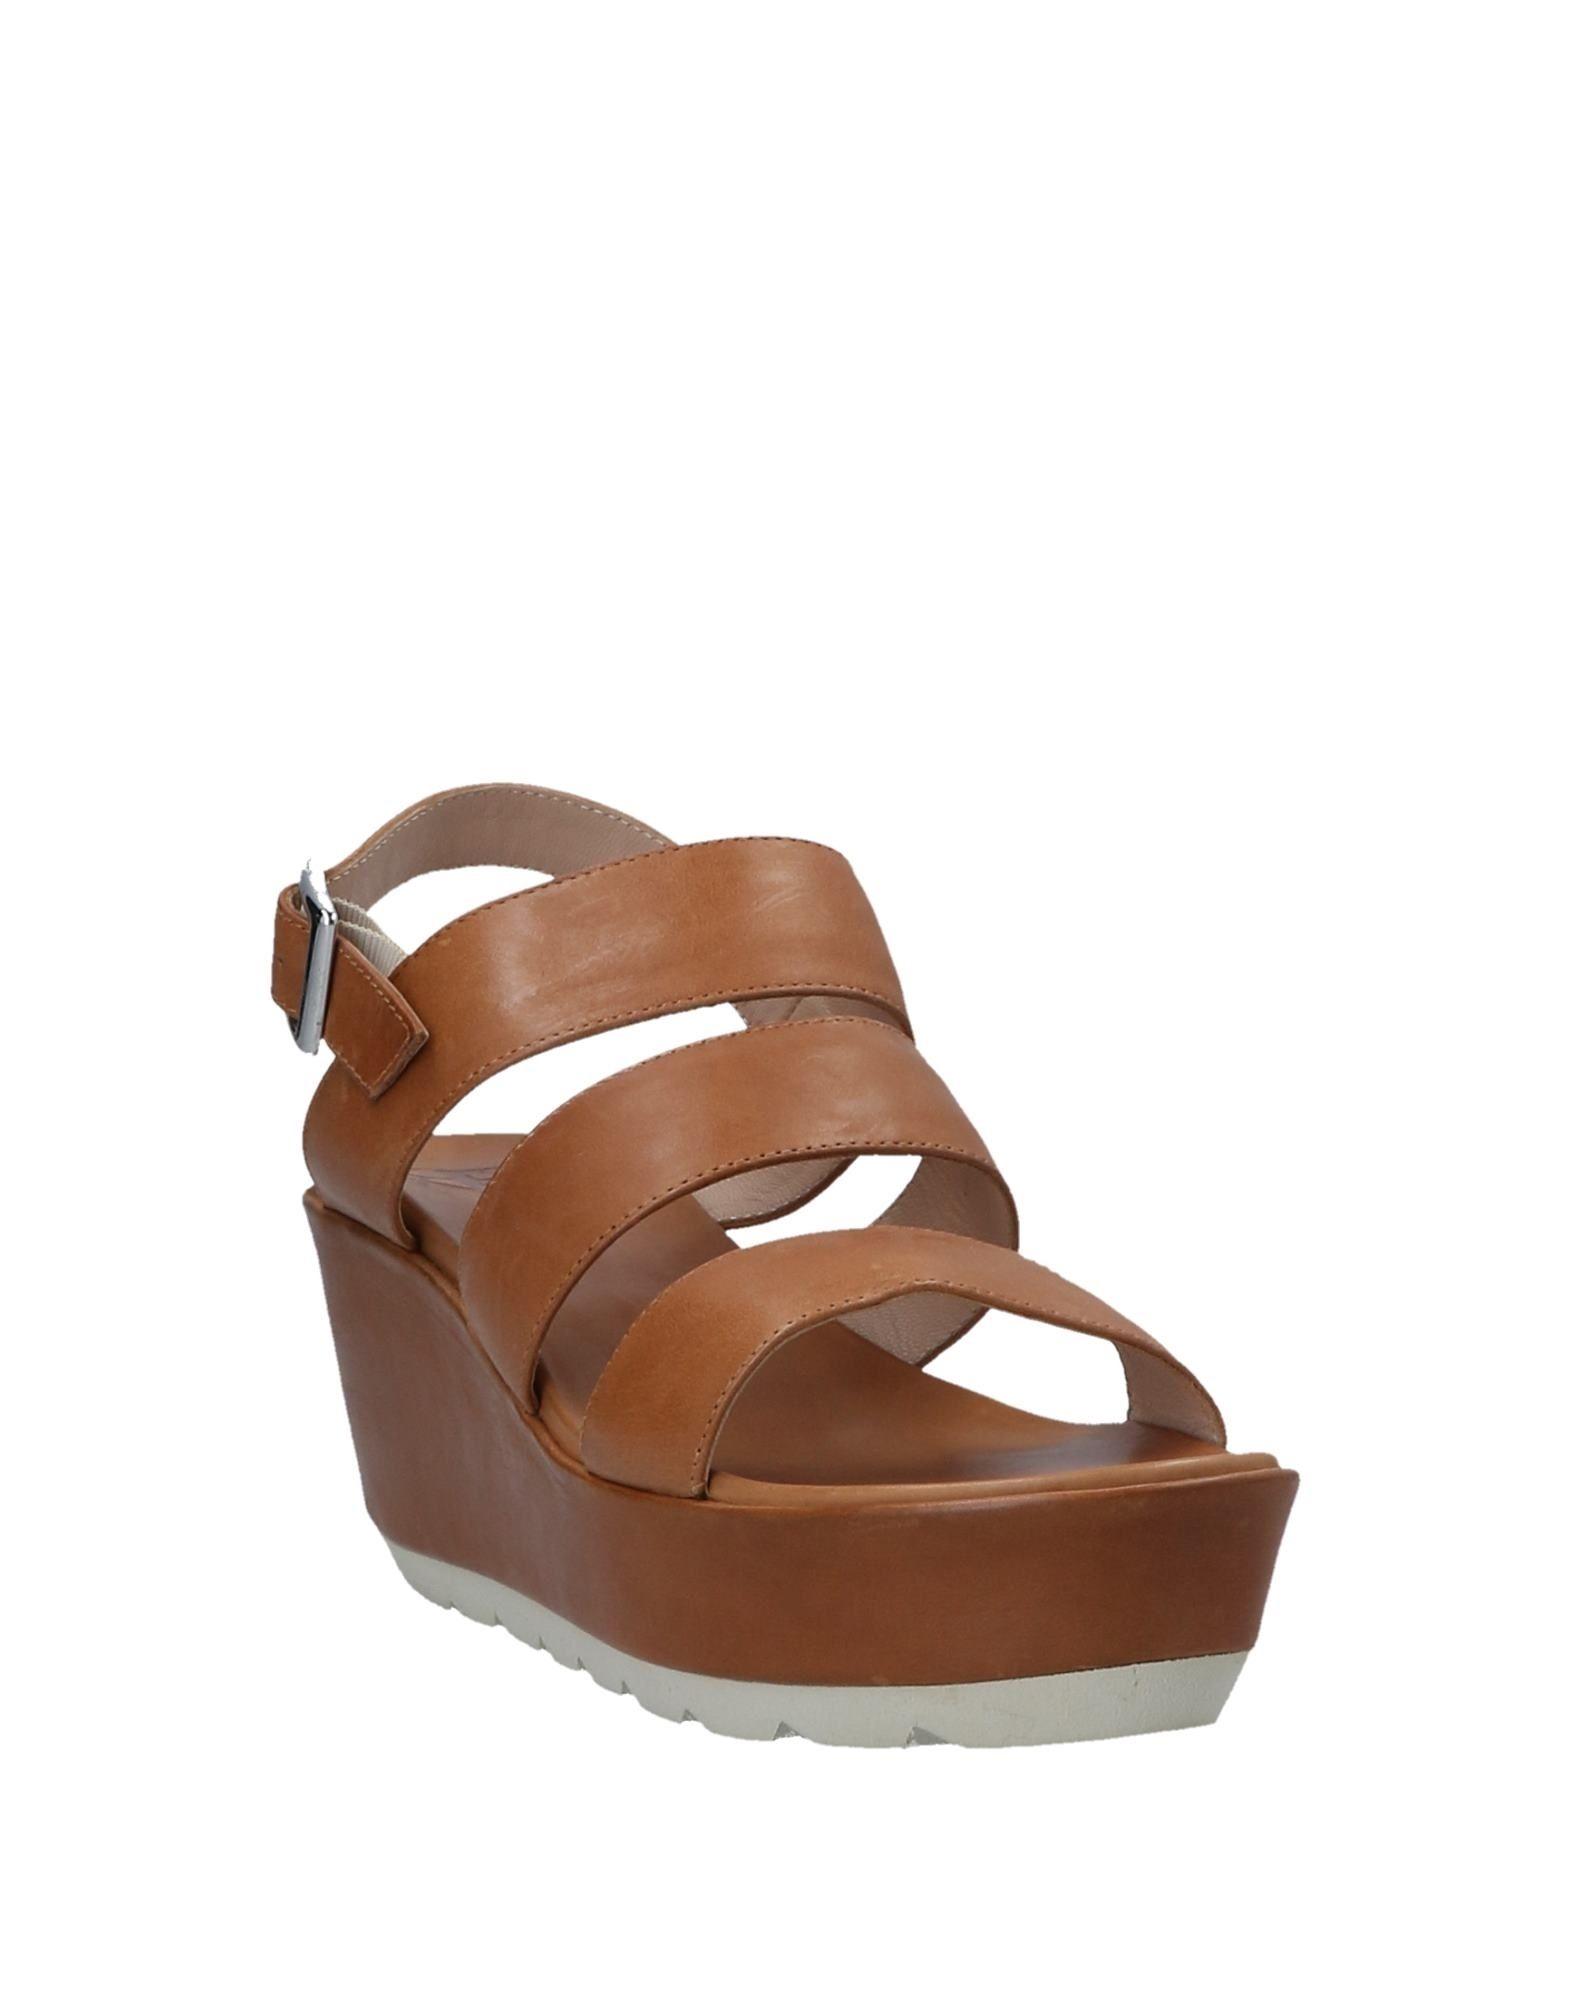 La Femme Plus Sandalen Damen  11544596QJ Gute Qualität Qualität Qualität beliebte Schuhe 424e5d